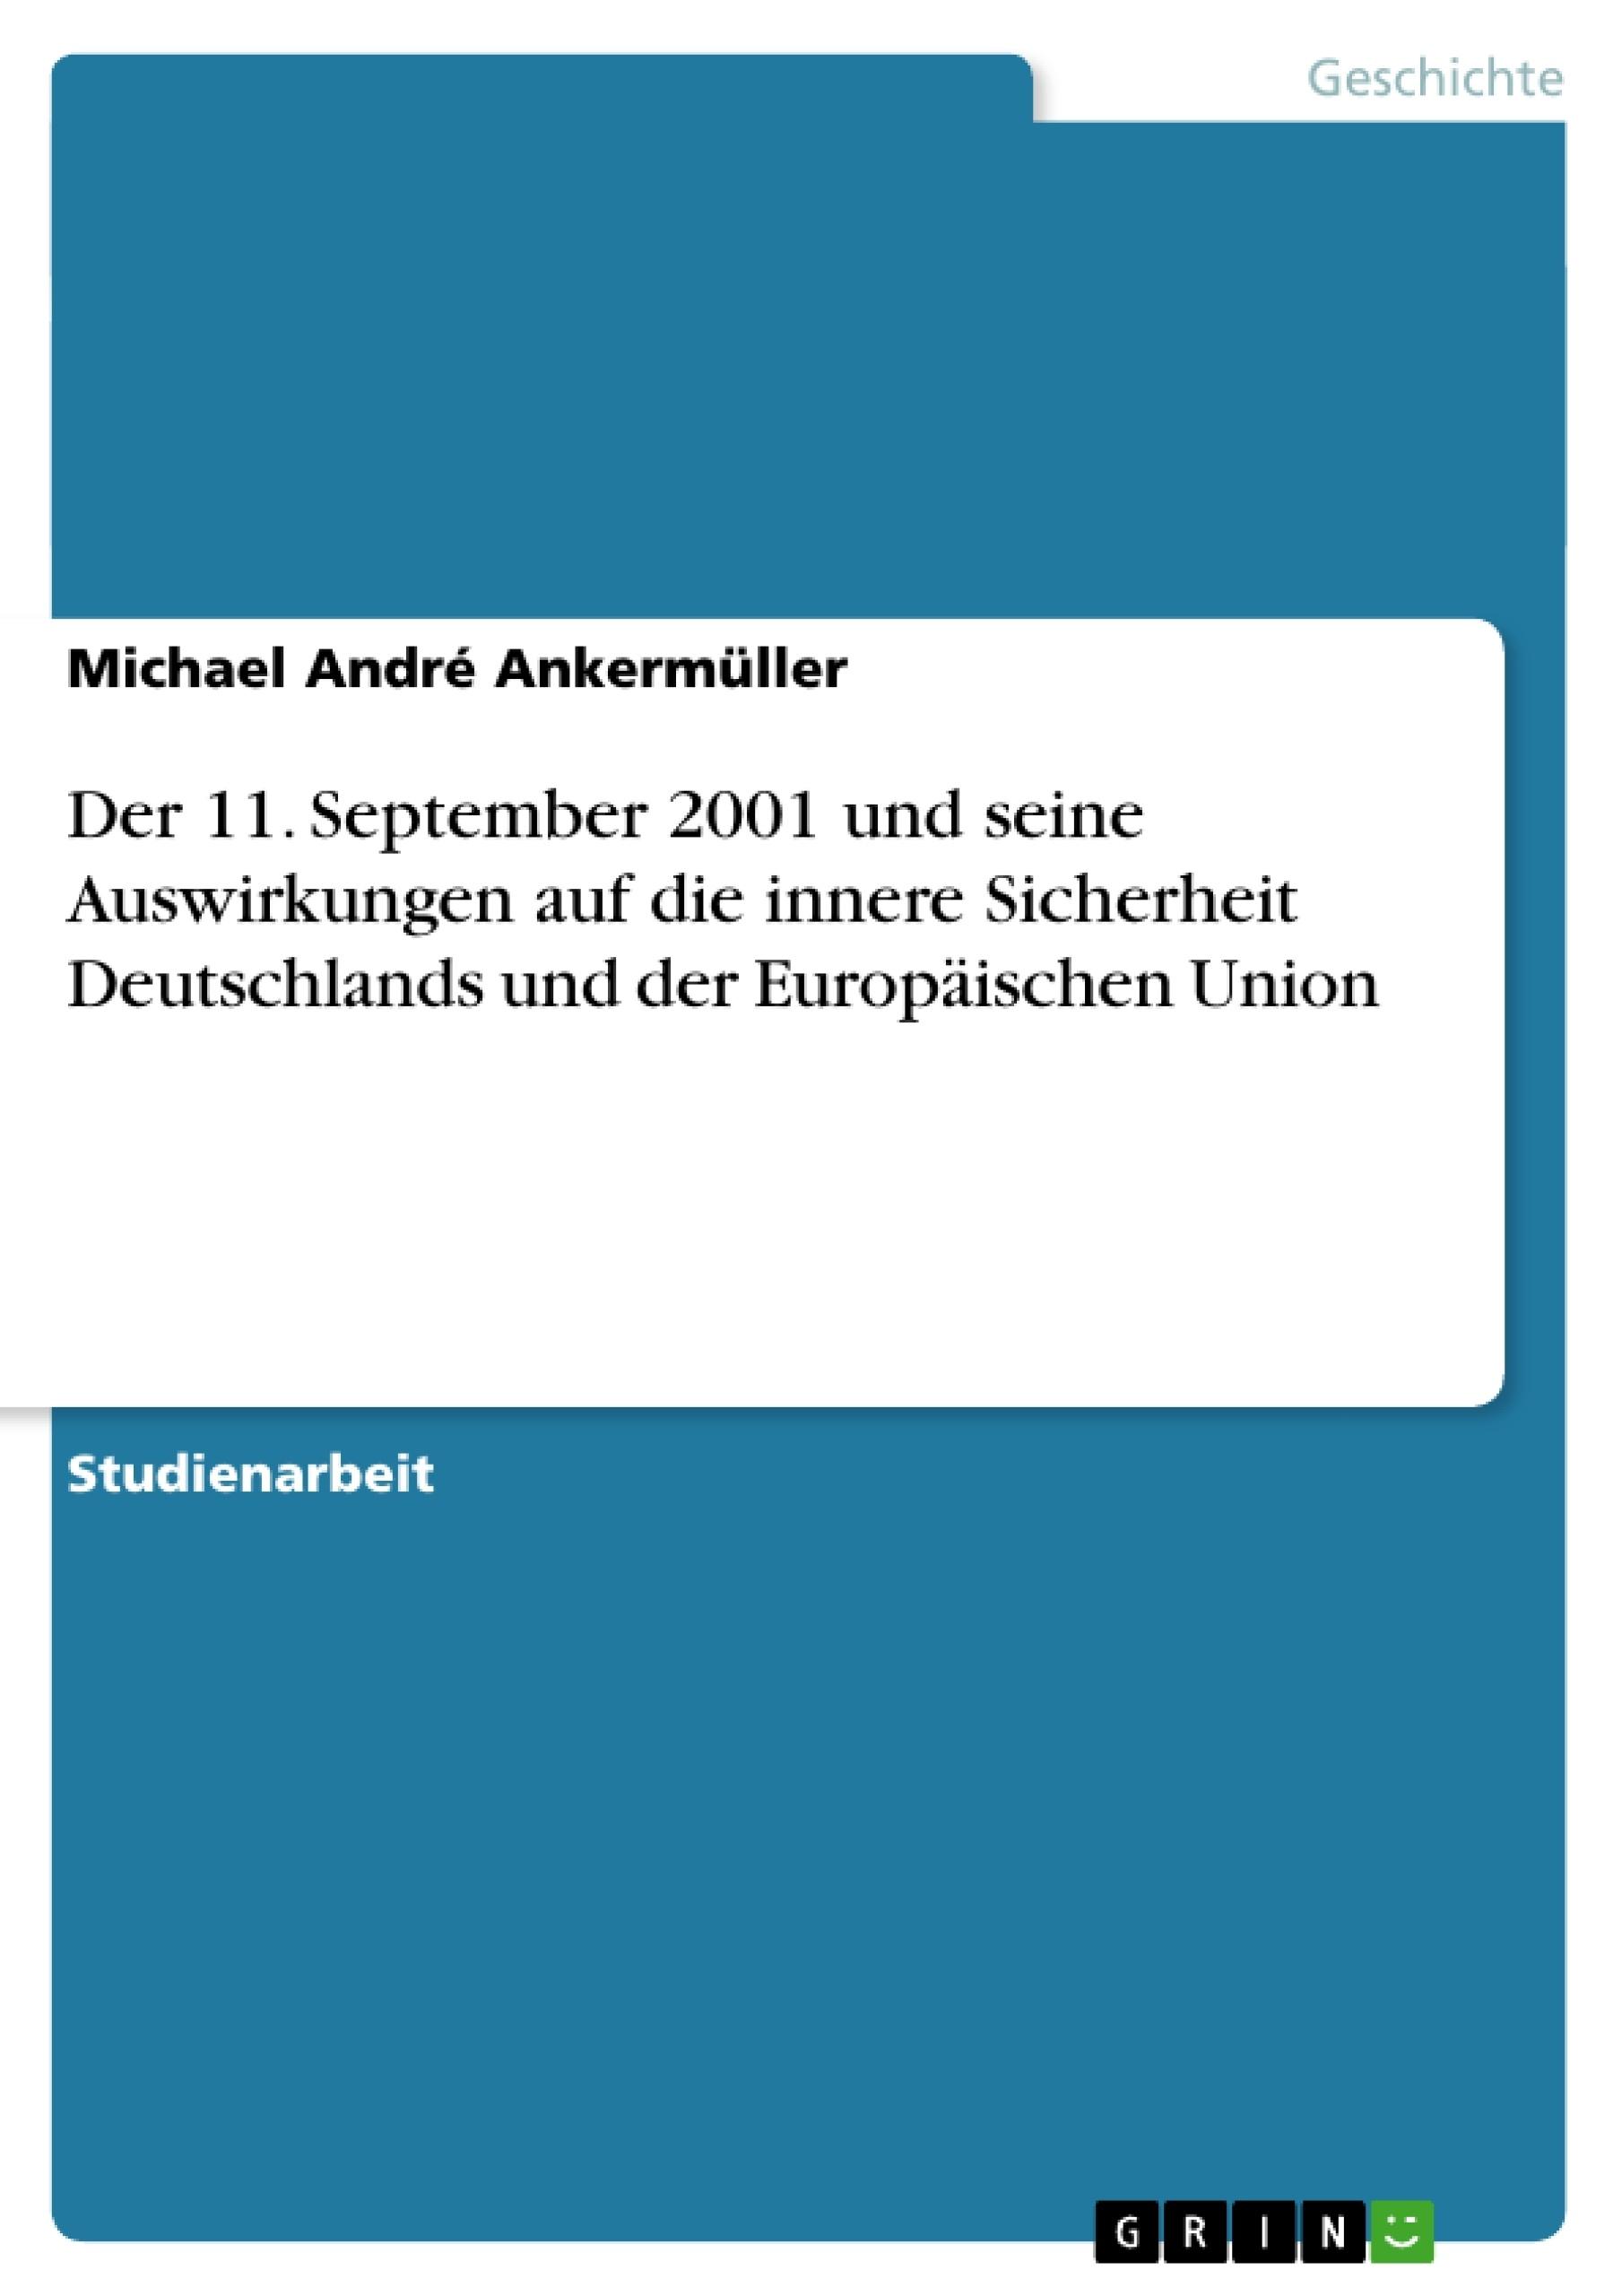 Titel: Der 11. September 2001 und seine Auswirkungen auf die innere Sicherheit Deutschlands und der Europäischen Union